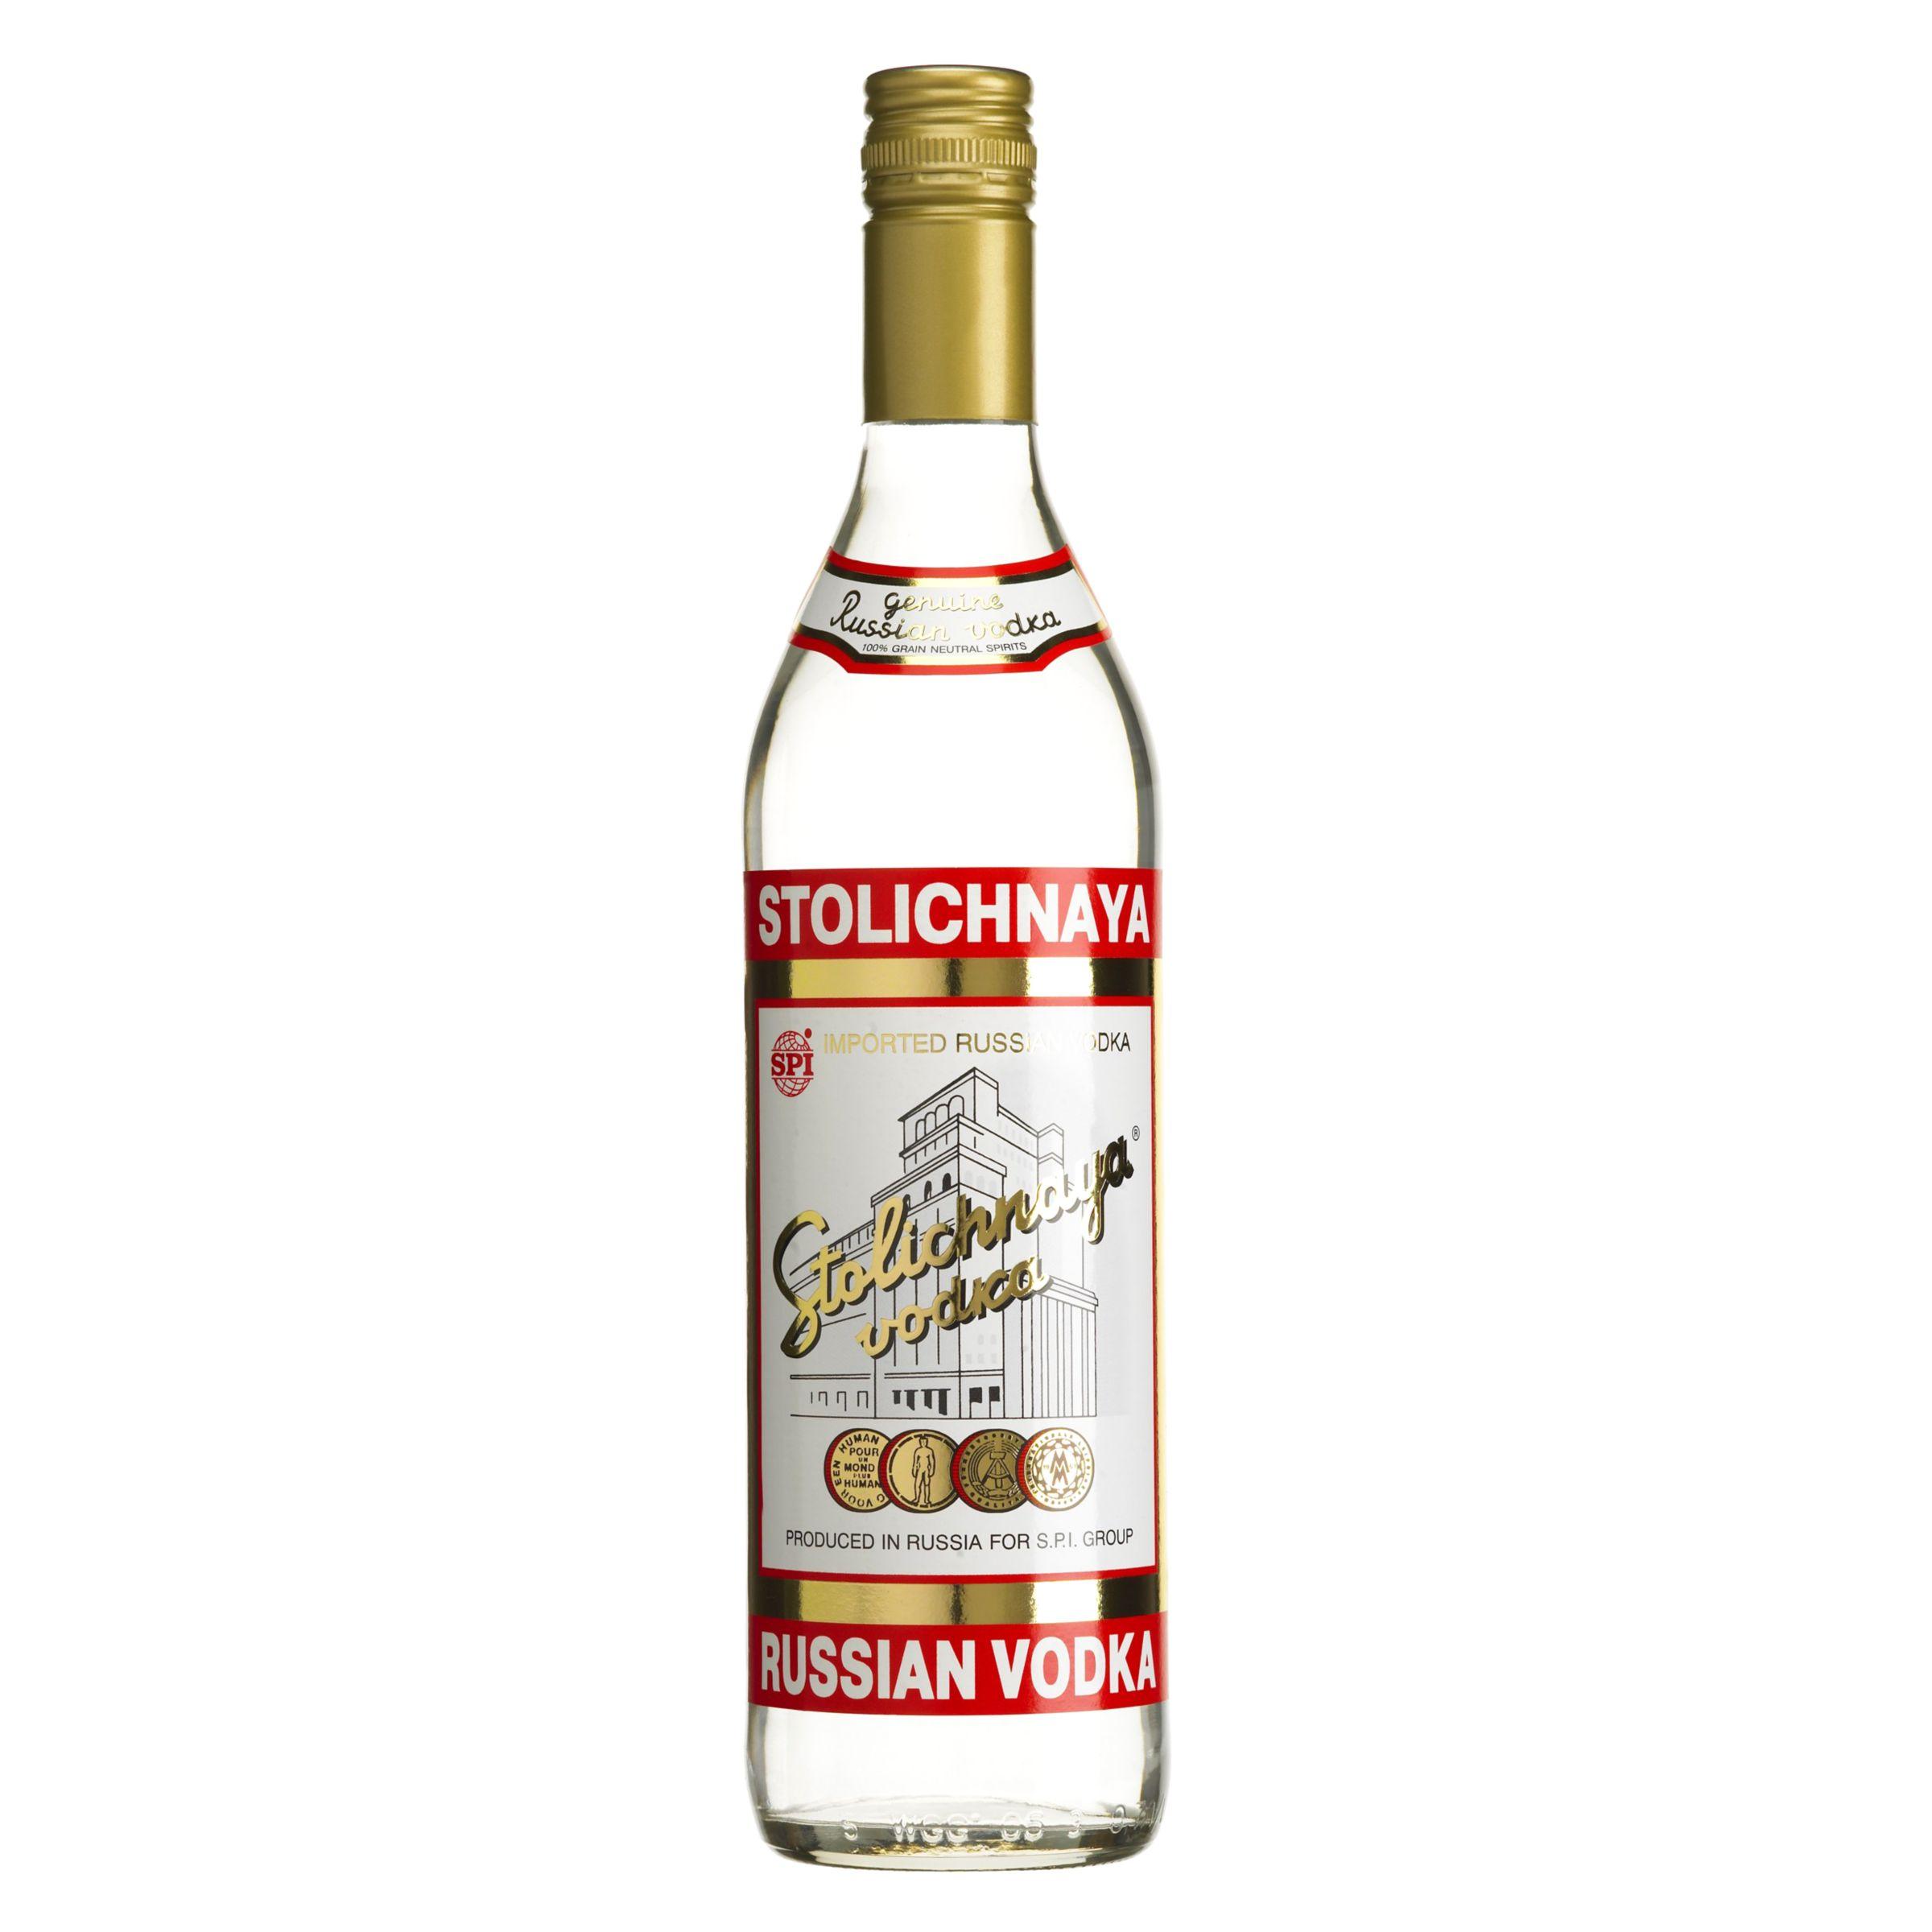 Stolichnaya Vodka at John Lewis